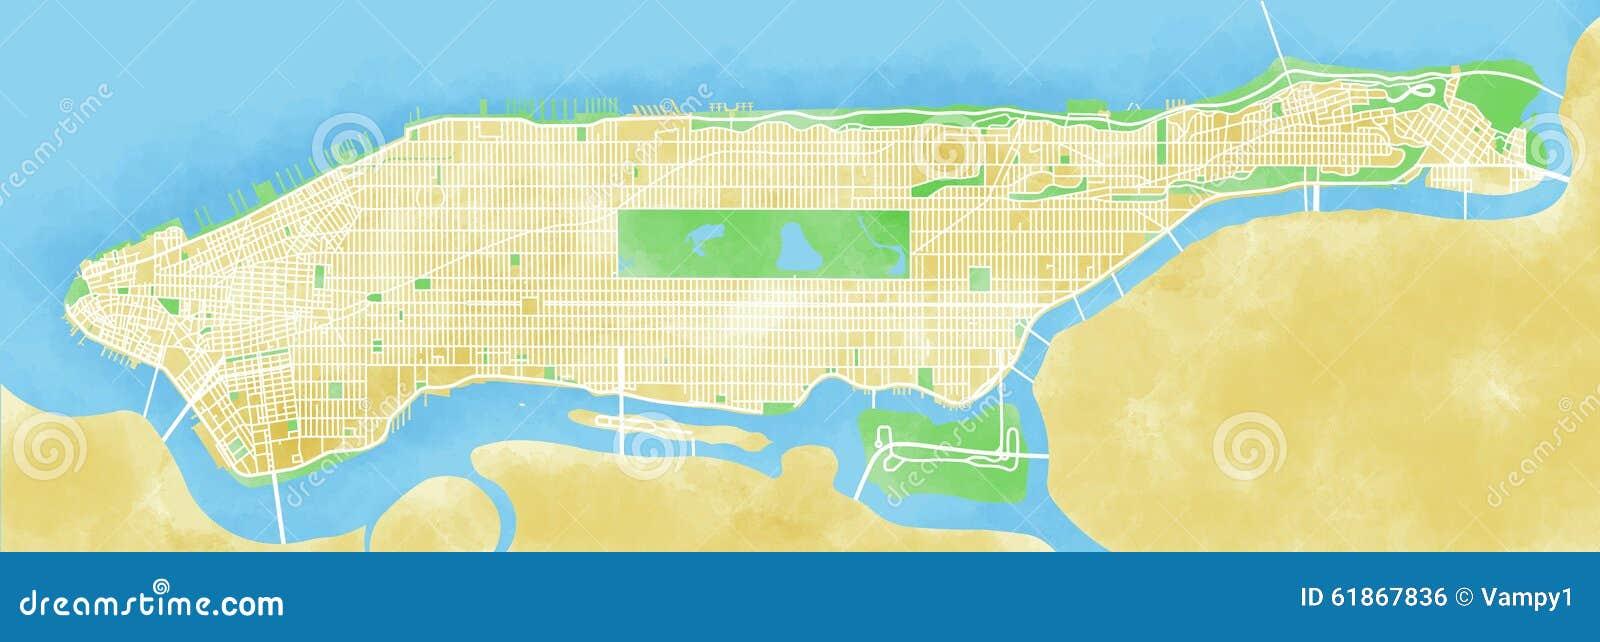 Kartografuje Manhattan, Miasto Nowy Jork, rysujący ręką